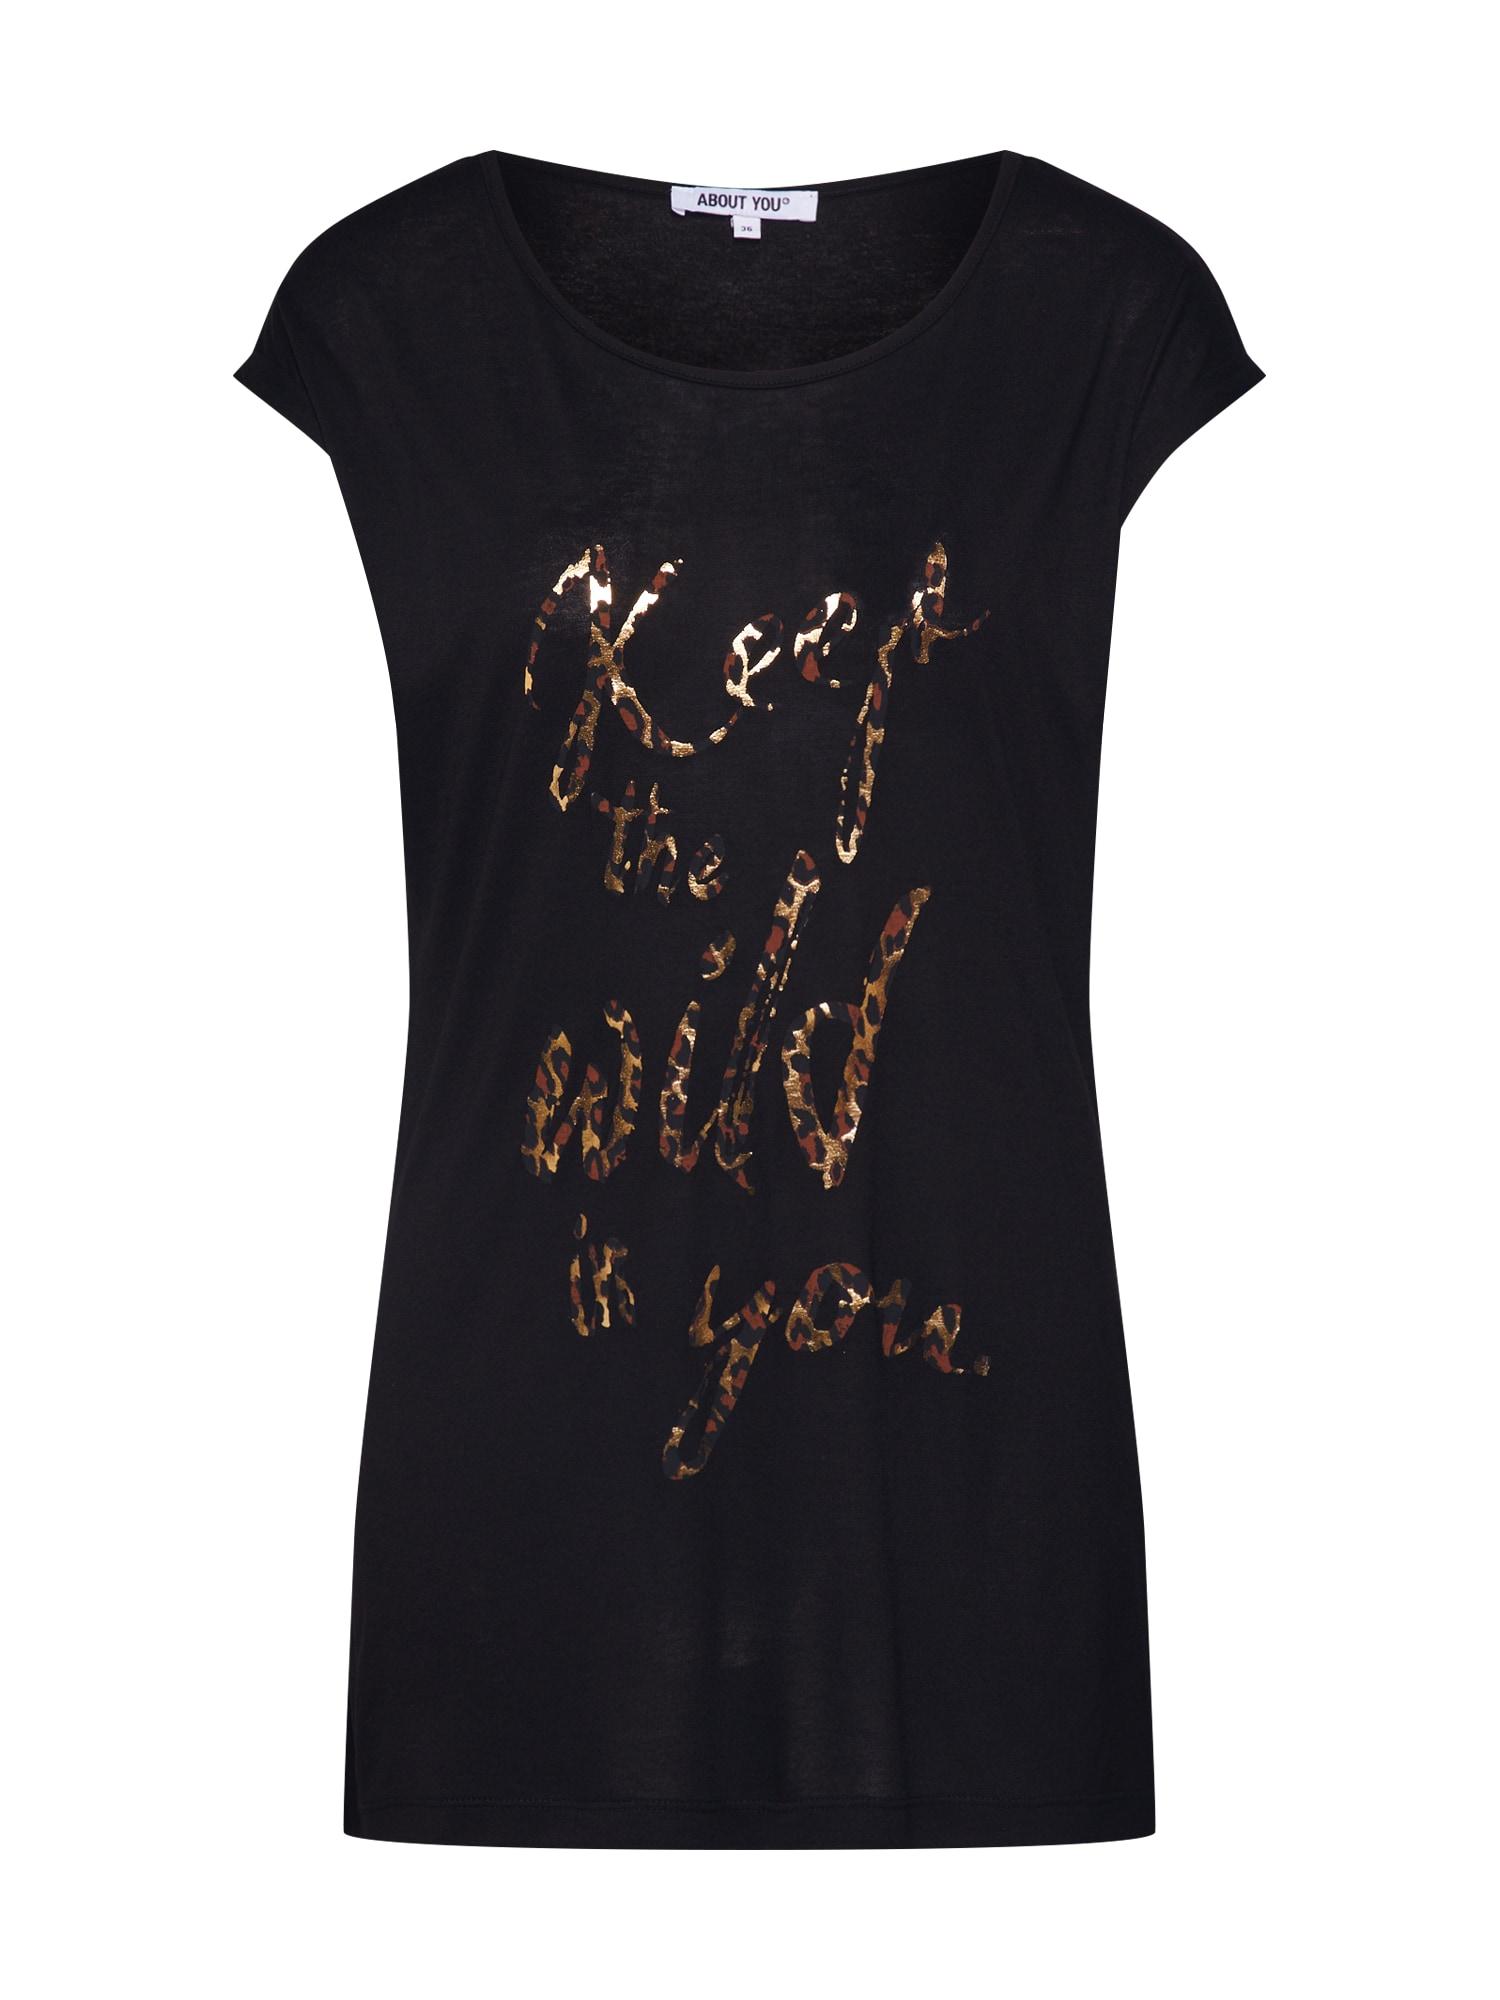 ABOUT YOU Marškinėliai 'Evelin' mišrios spalvos / juoda